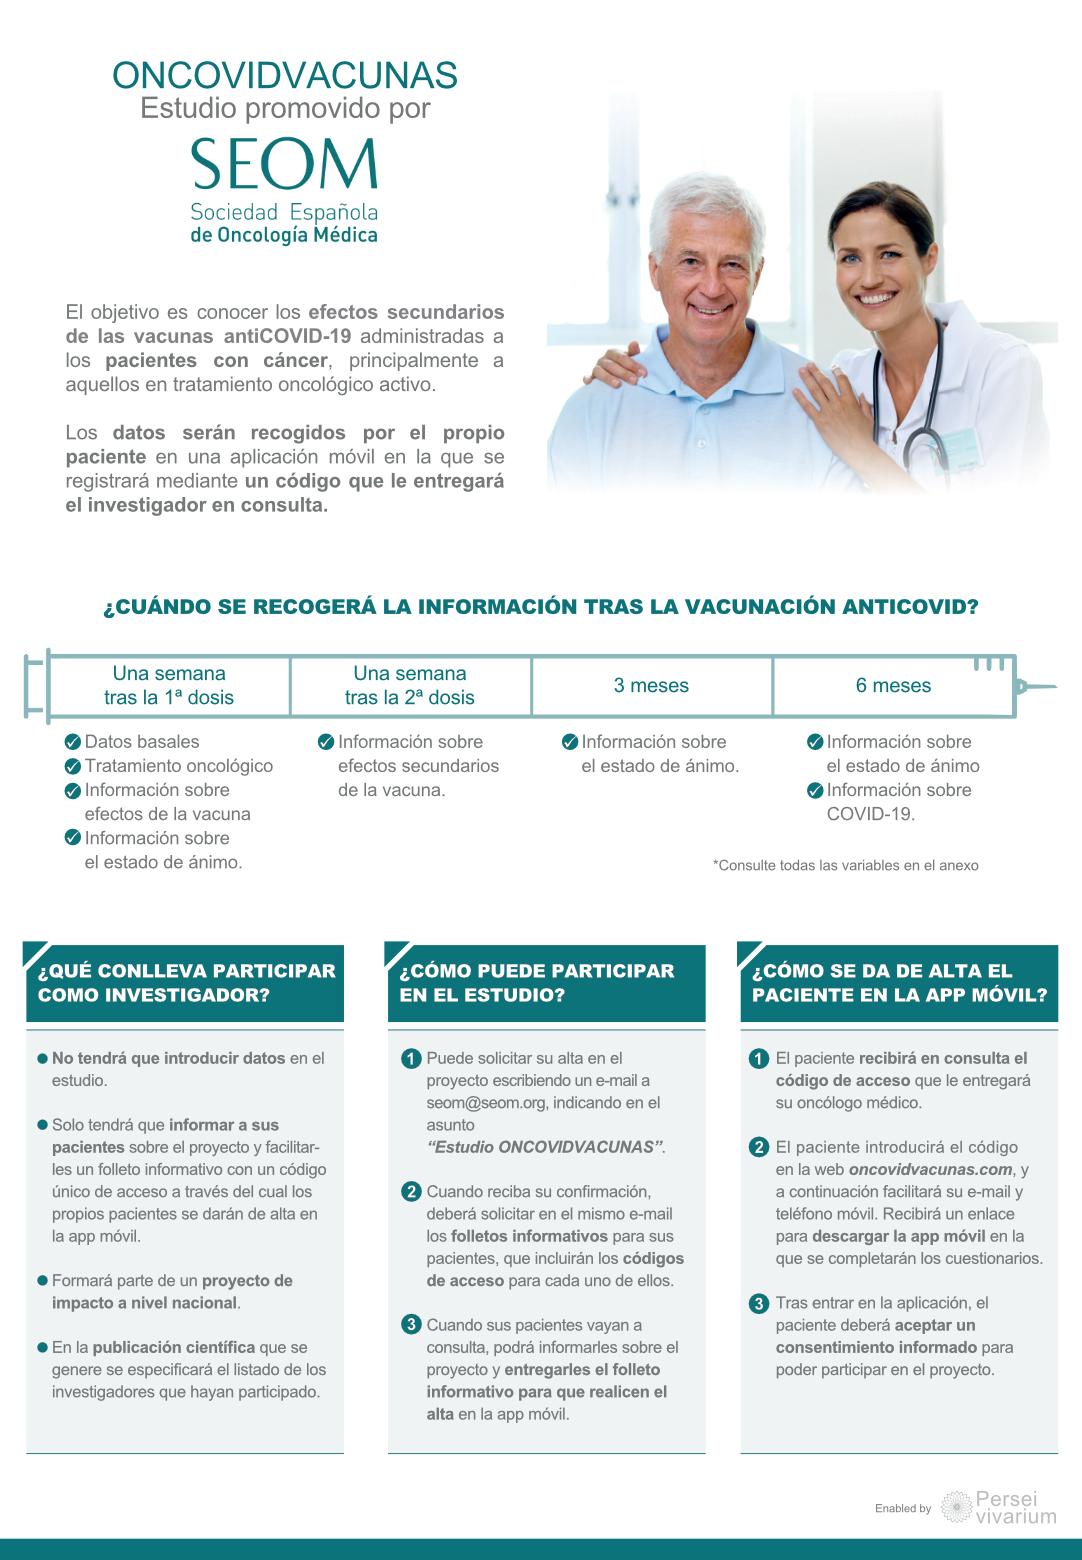 SEOM Oncovidvacunas folleto investigadores